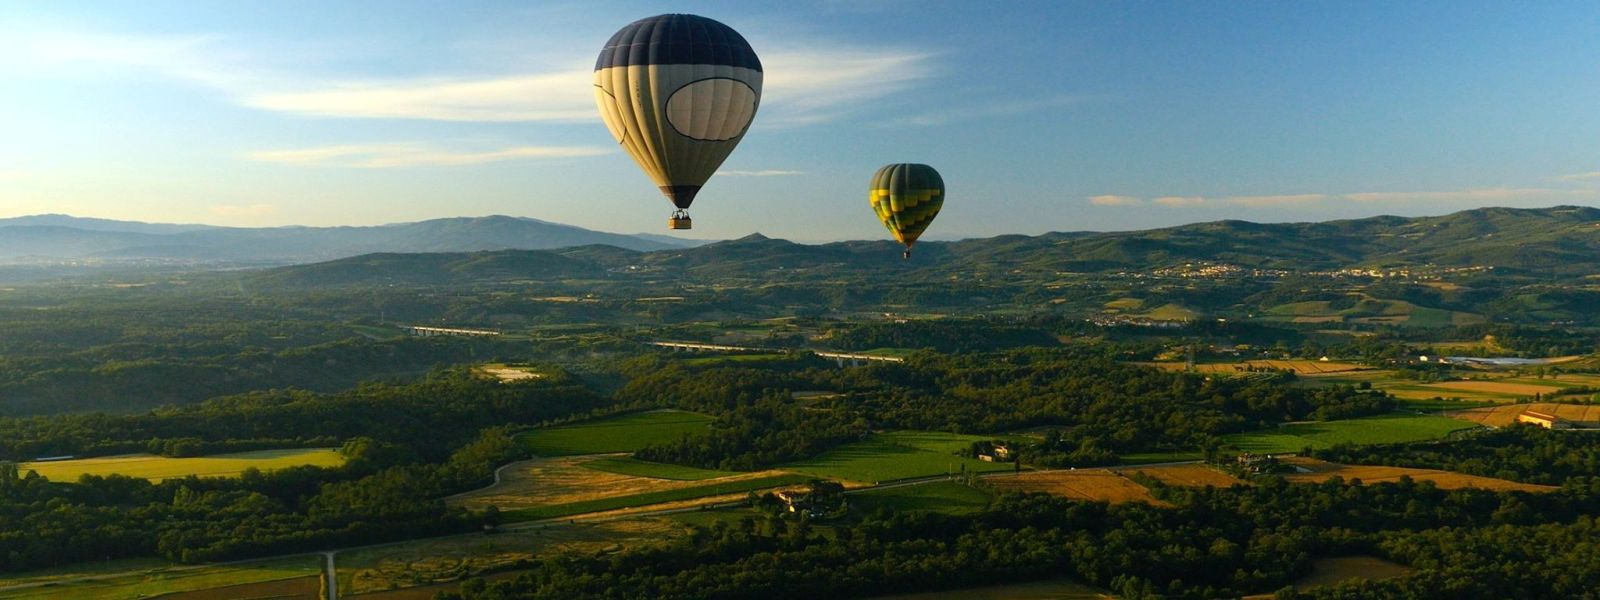 Vacaciones en la Toscana - Excursión de un día desde Florencia - Rome Air-Port Shuttle